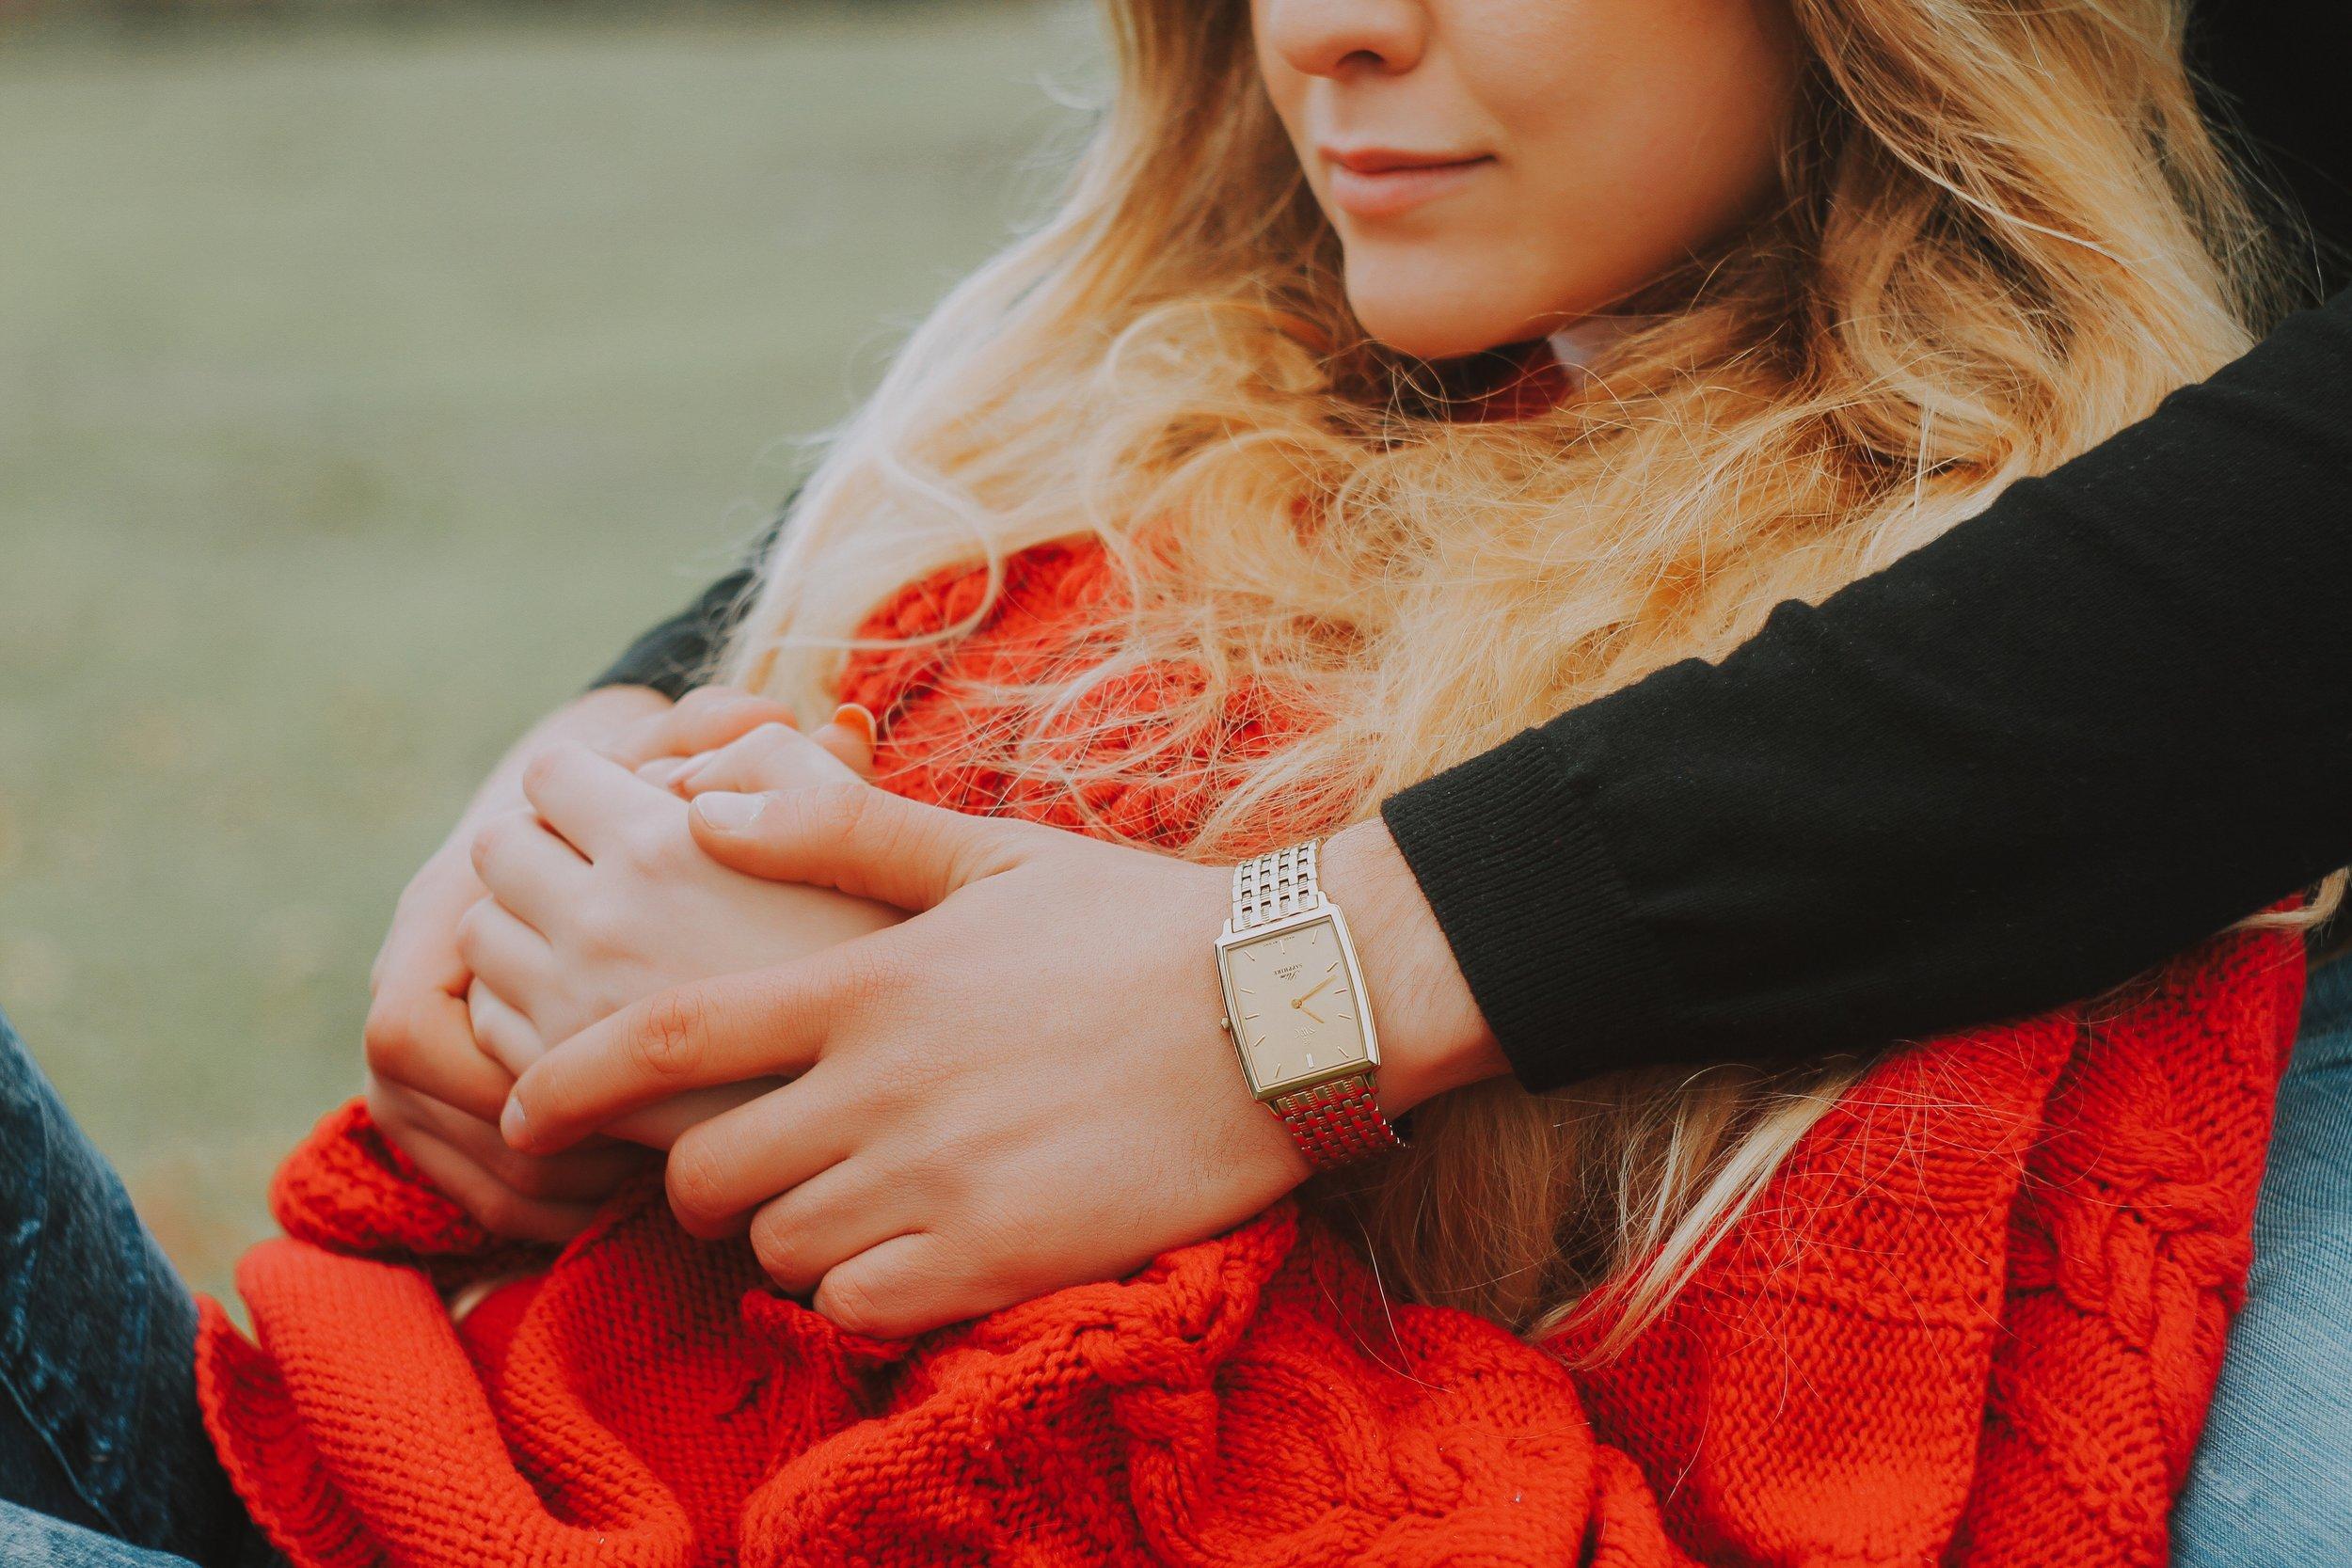 austin-premarital-counseling.jpg